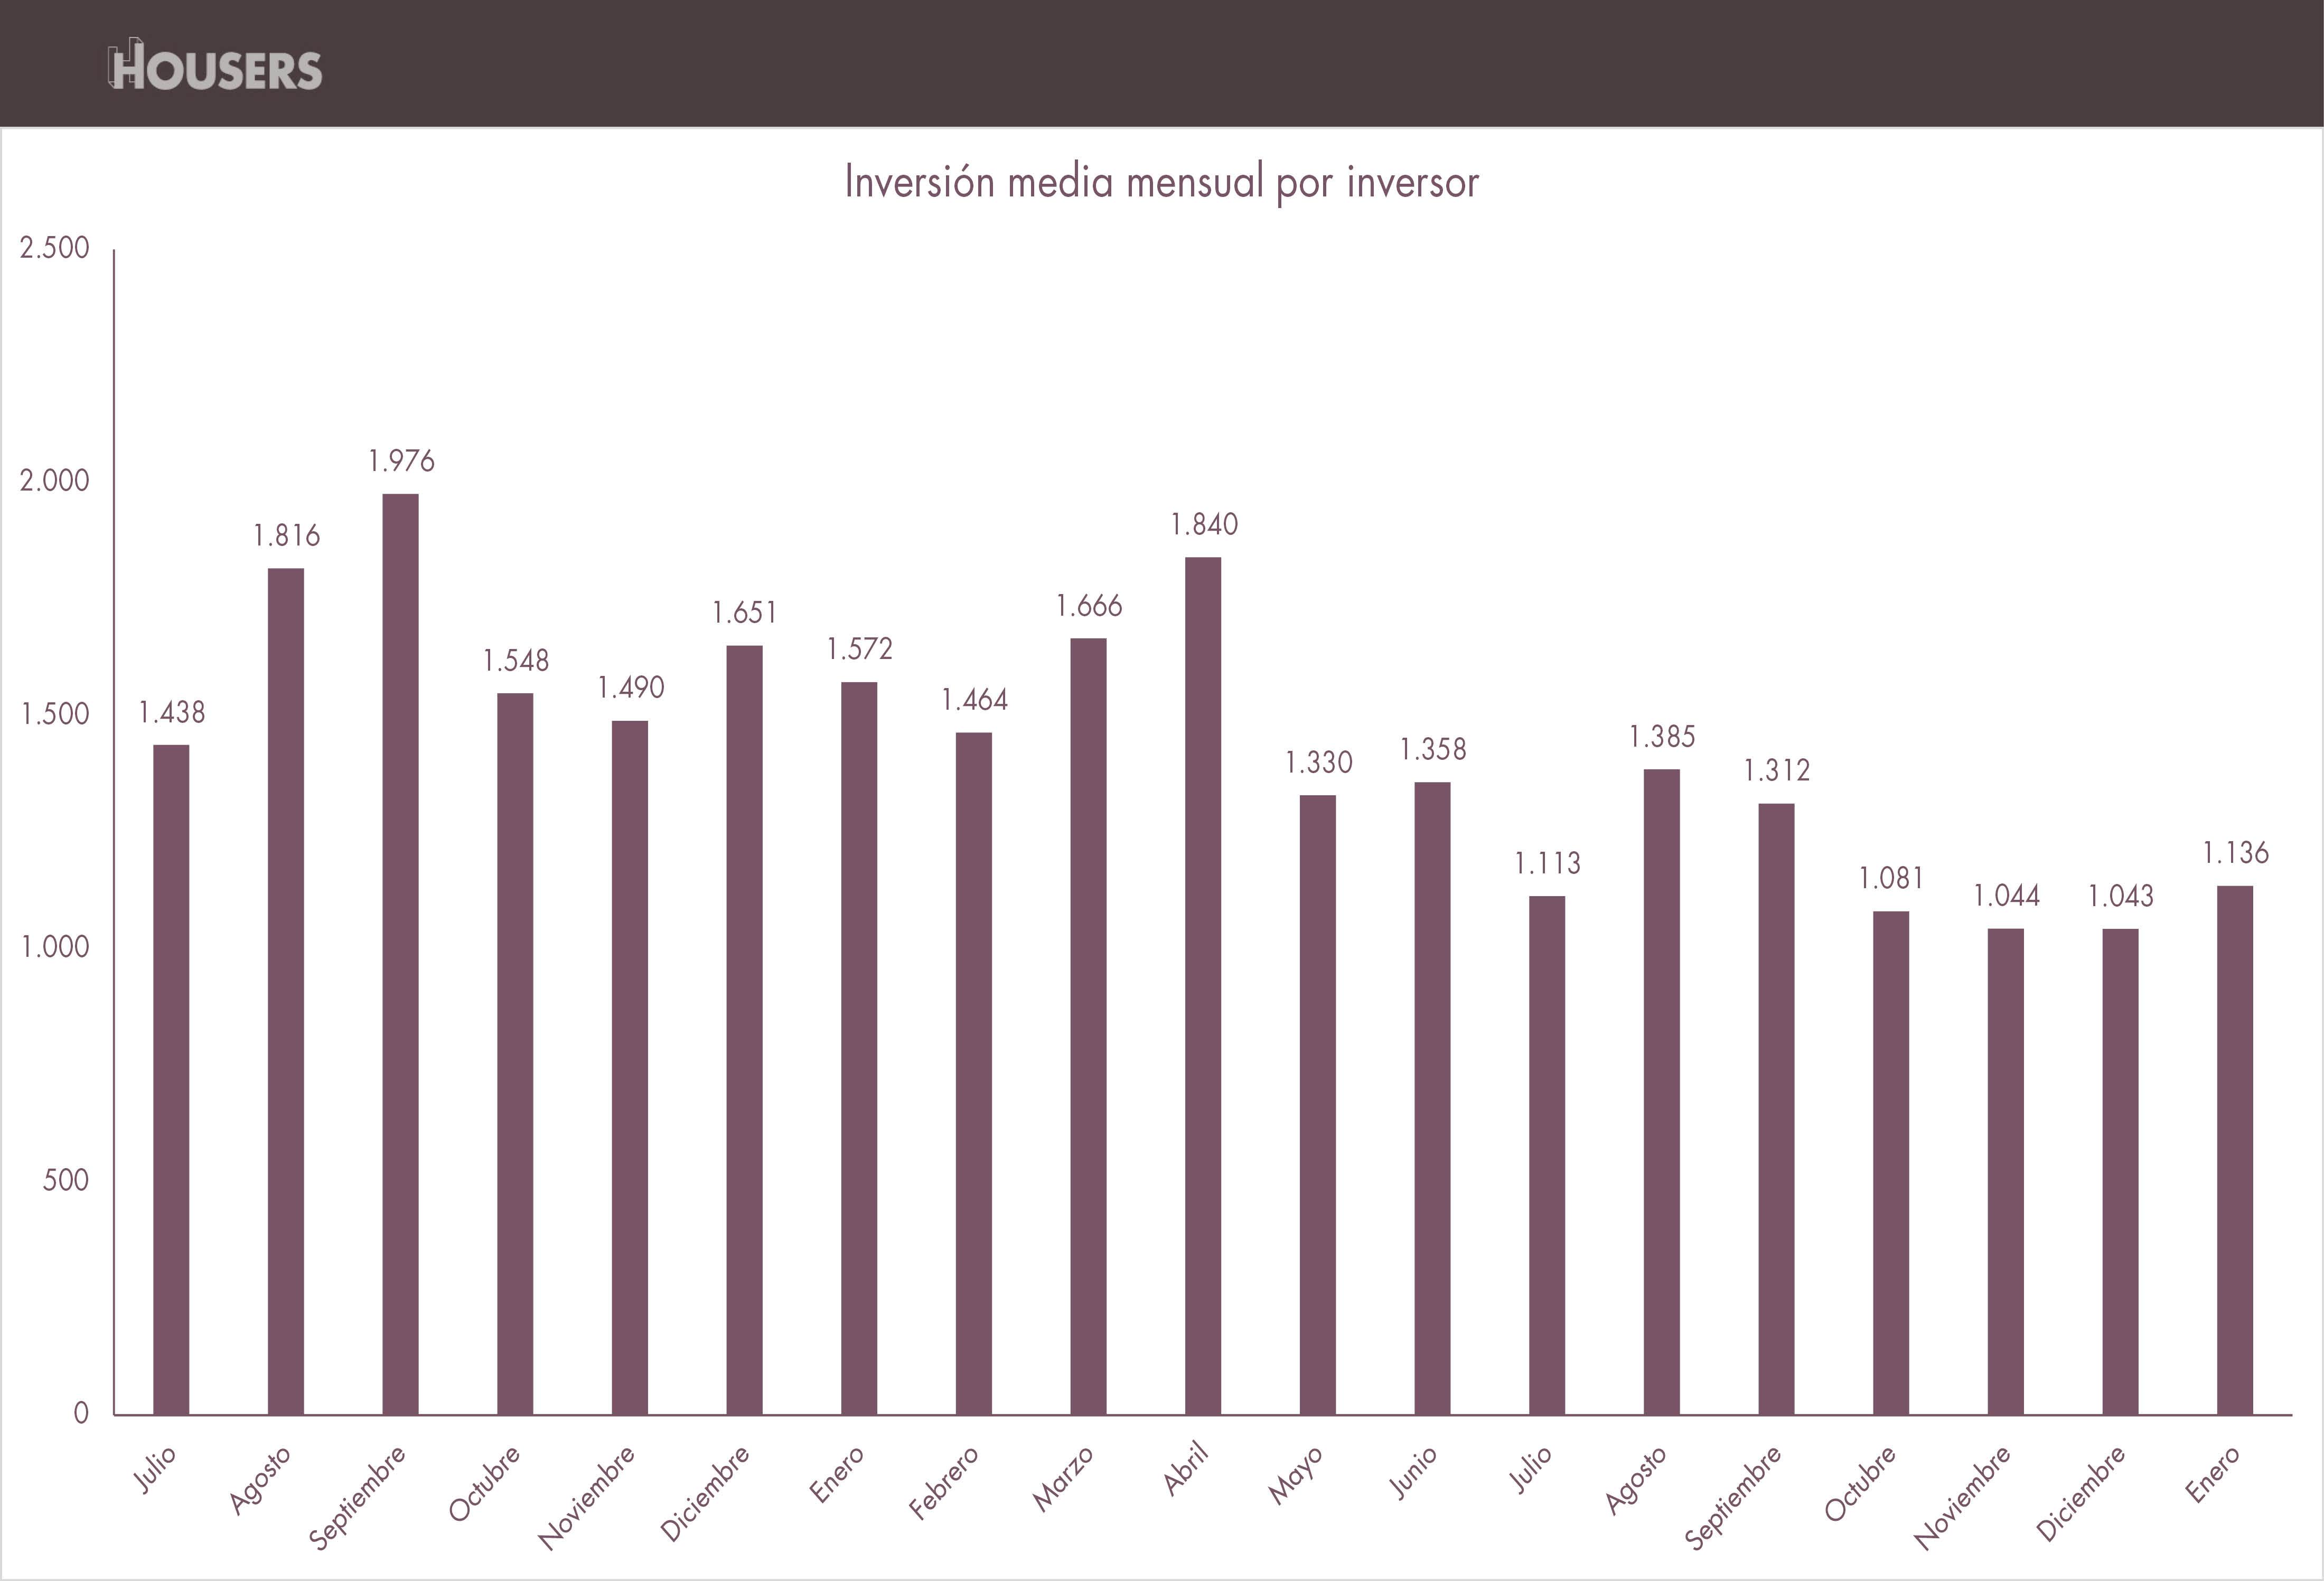 opiniones housers inversion media mensual enero 2017 estadisticas housers